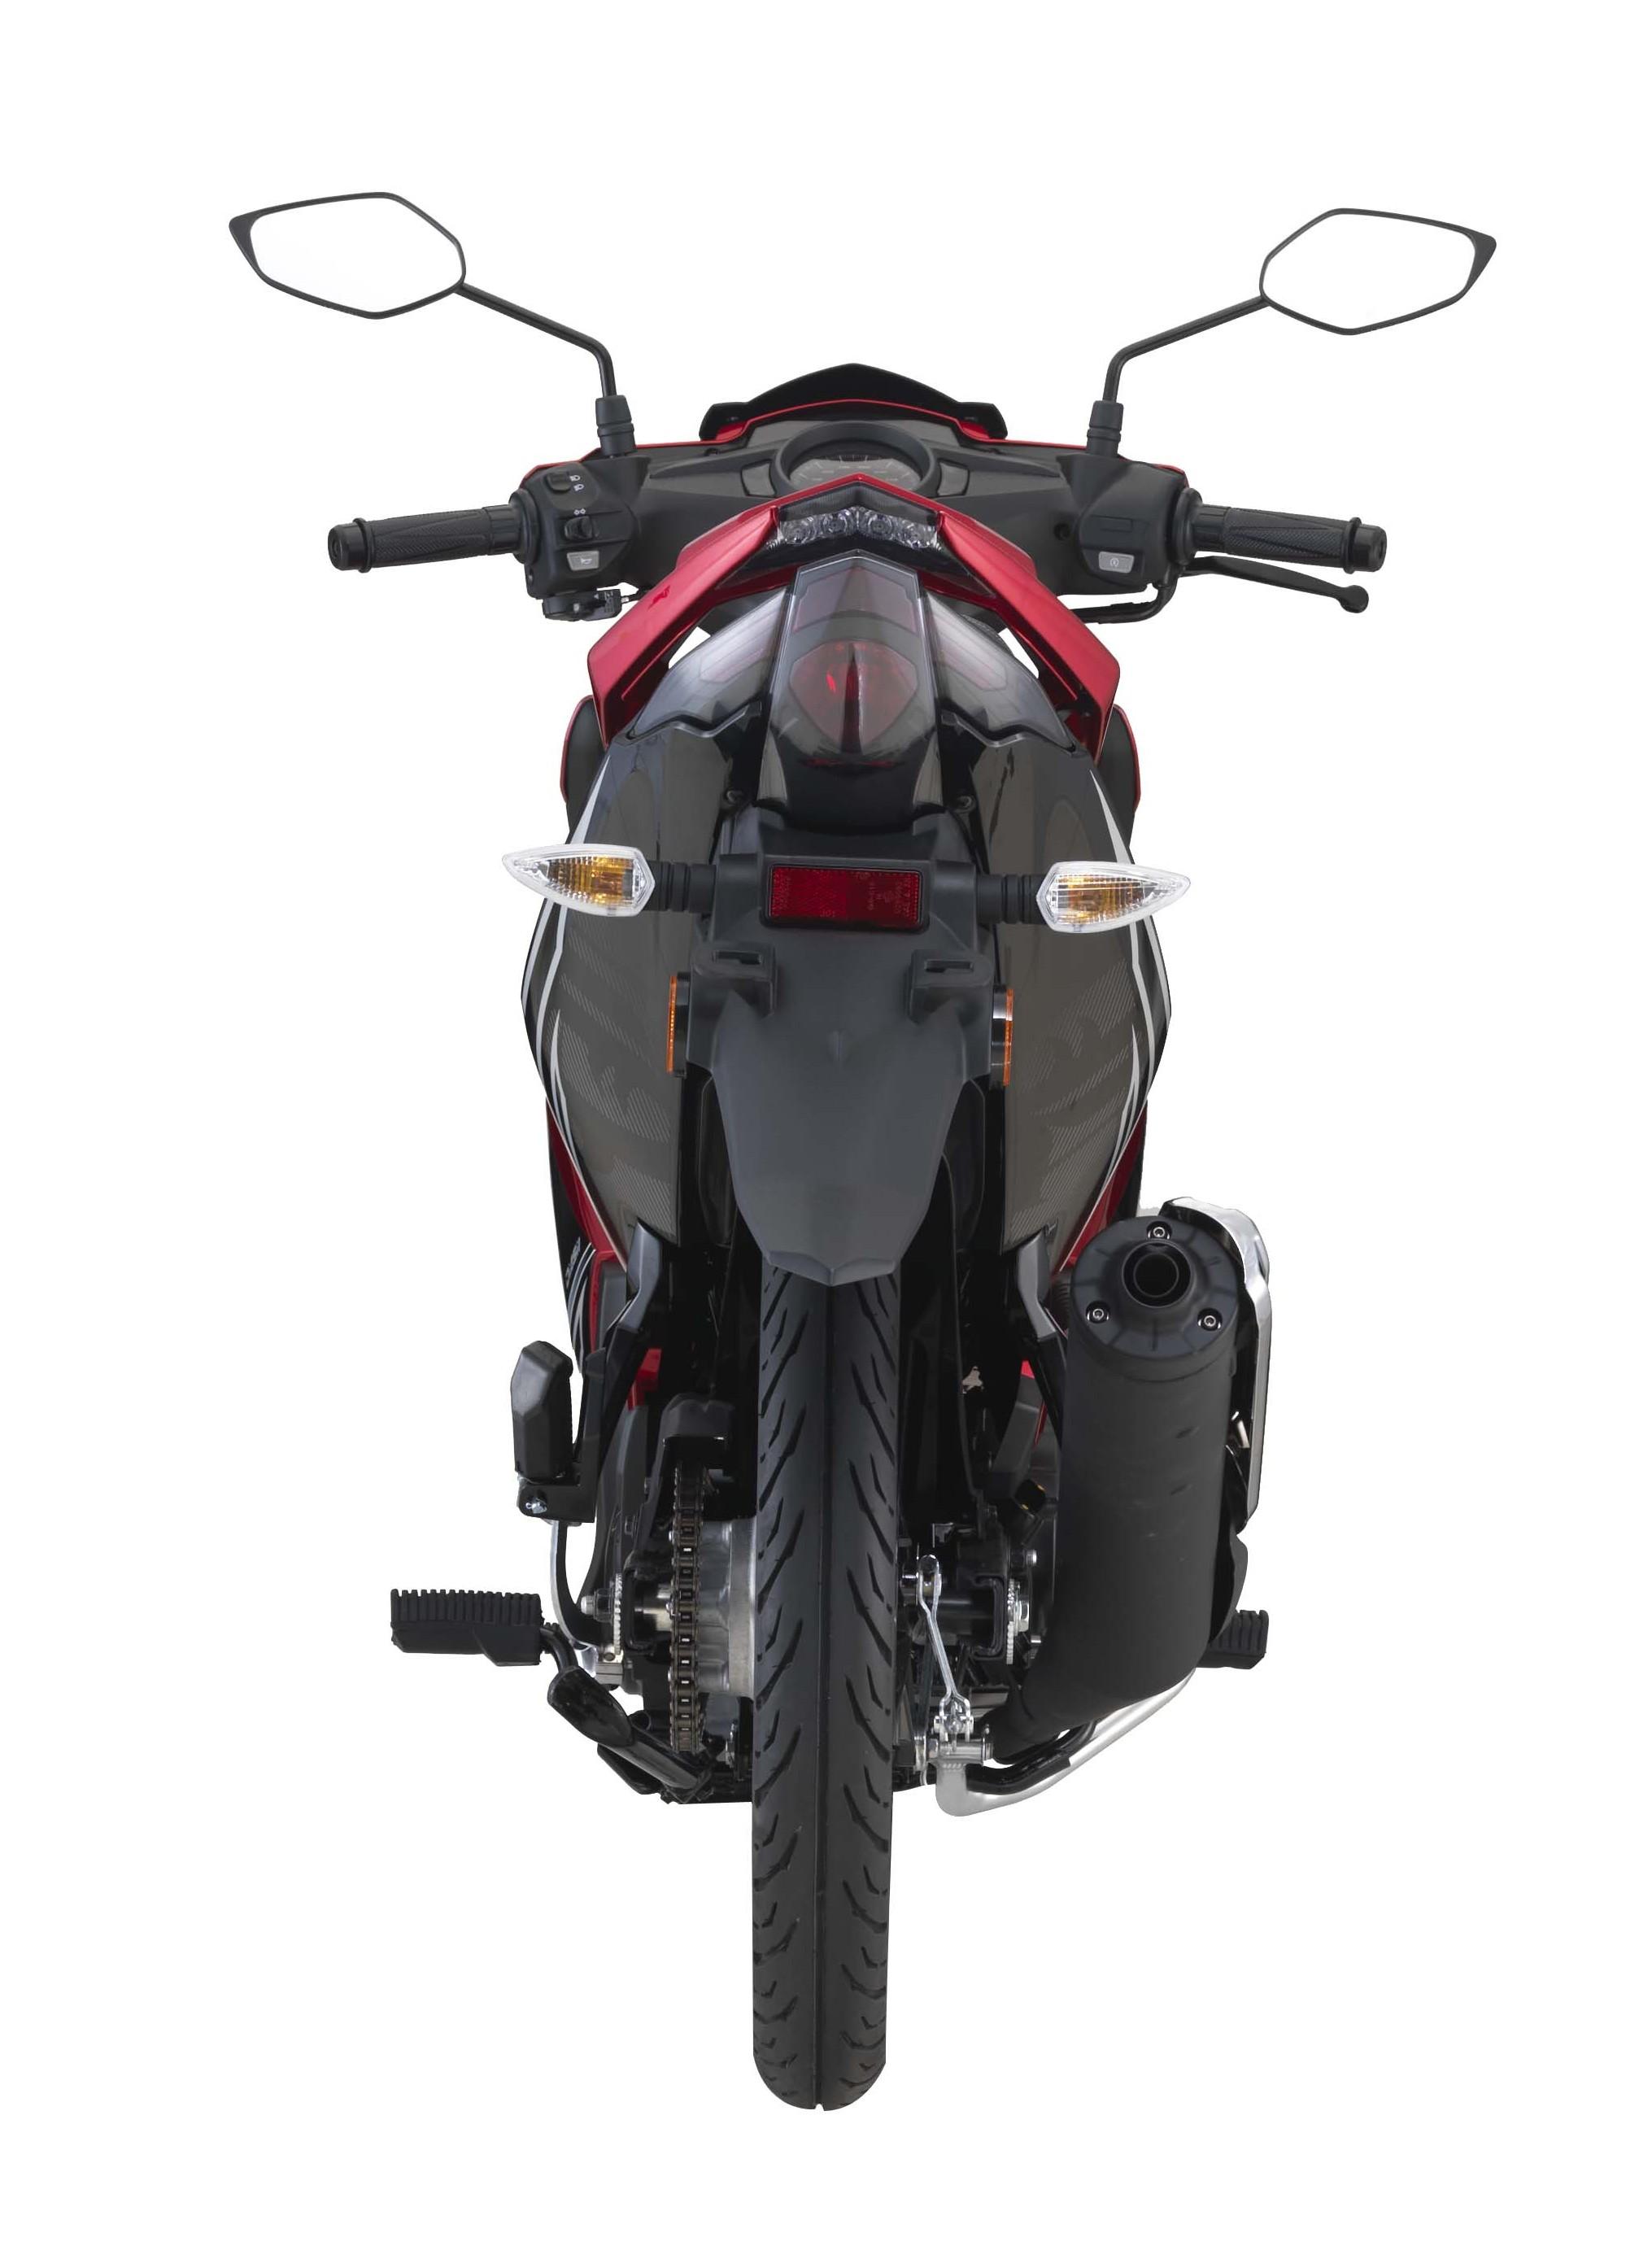 1_1553173676838_2016-Yamaha-LC135-Malaysia-14-e1455076940401.jpg